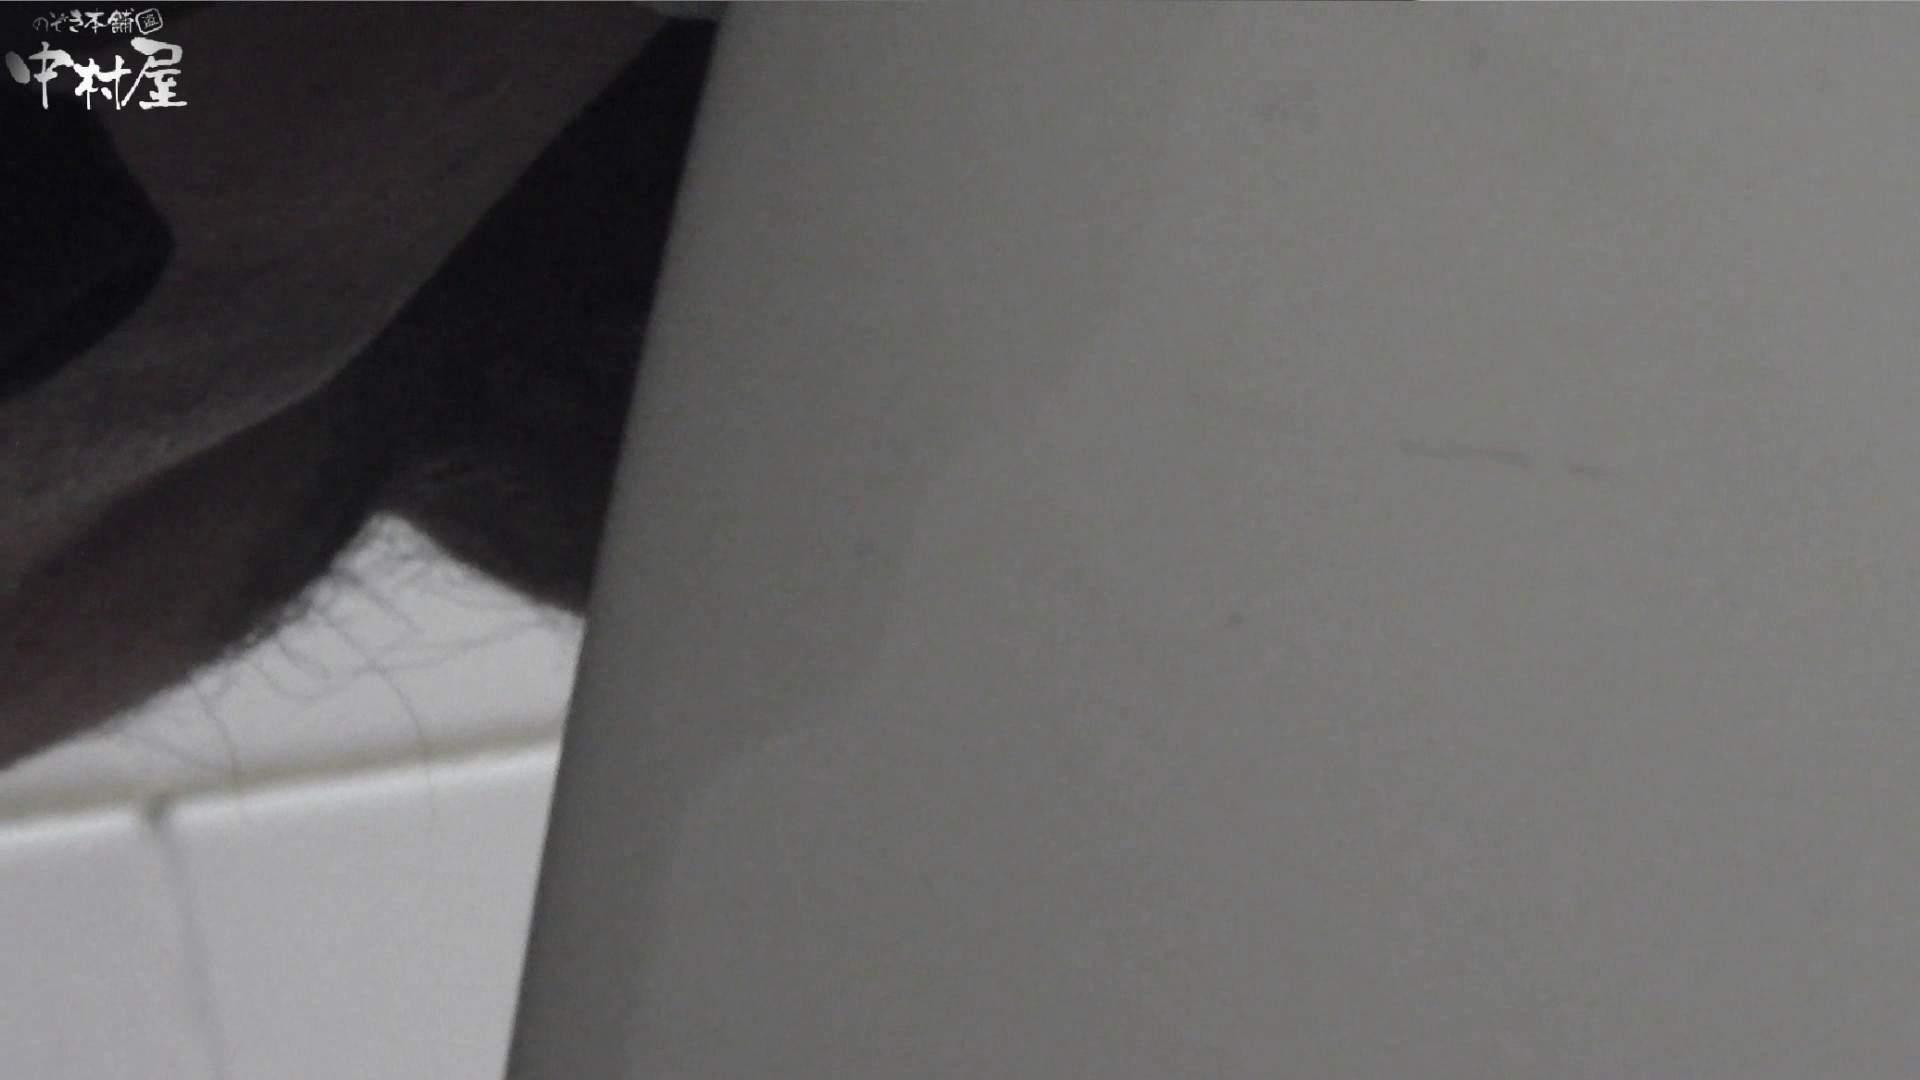 vol.07 命がけ潜伏洗面所! パンツの跡(ひも付き) 潜入  110pic 47